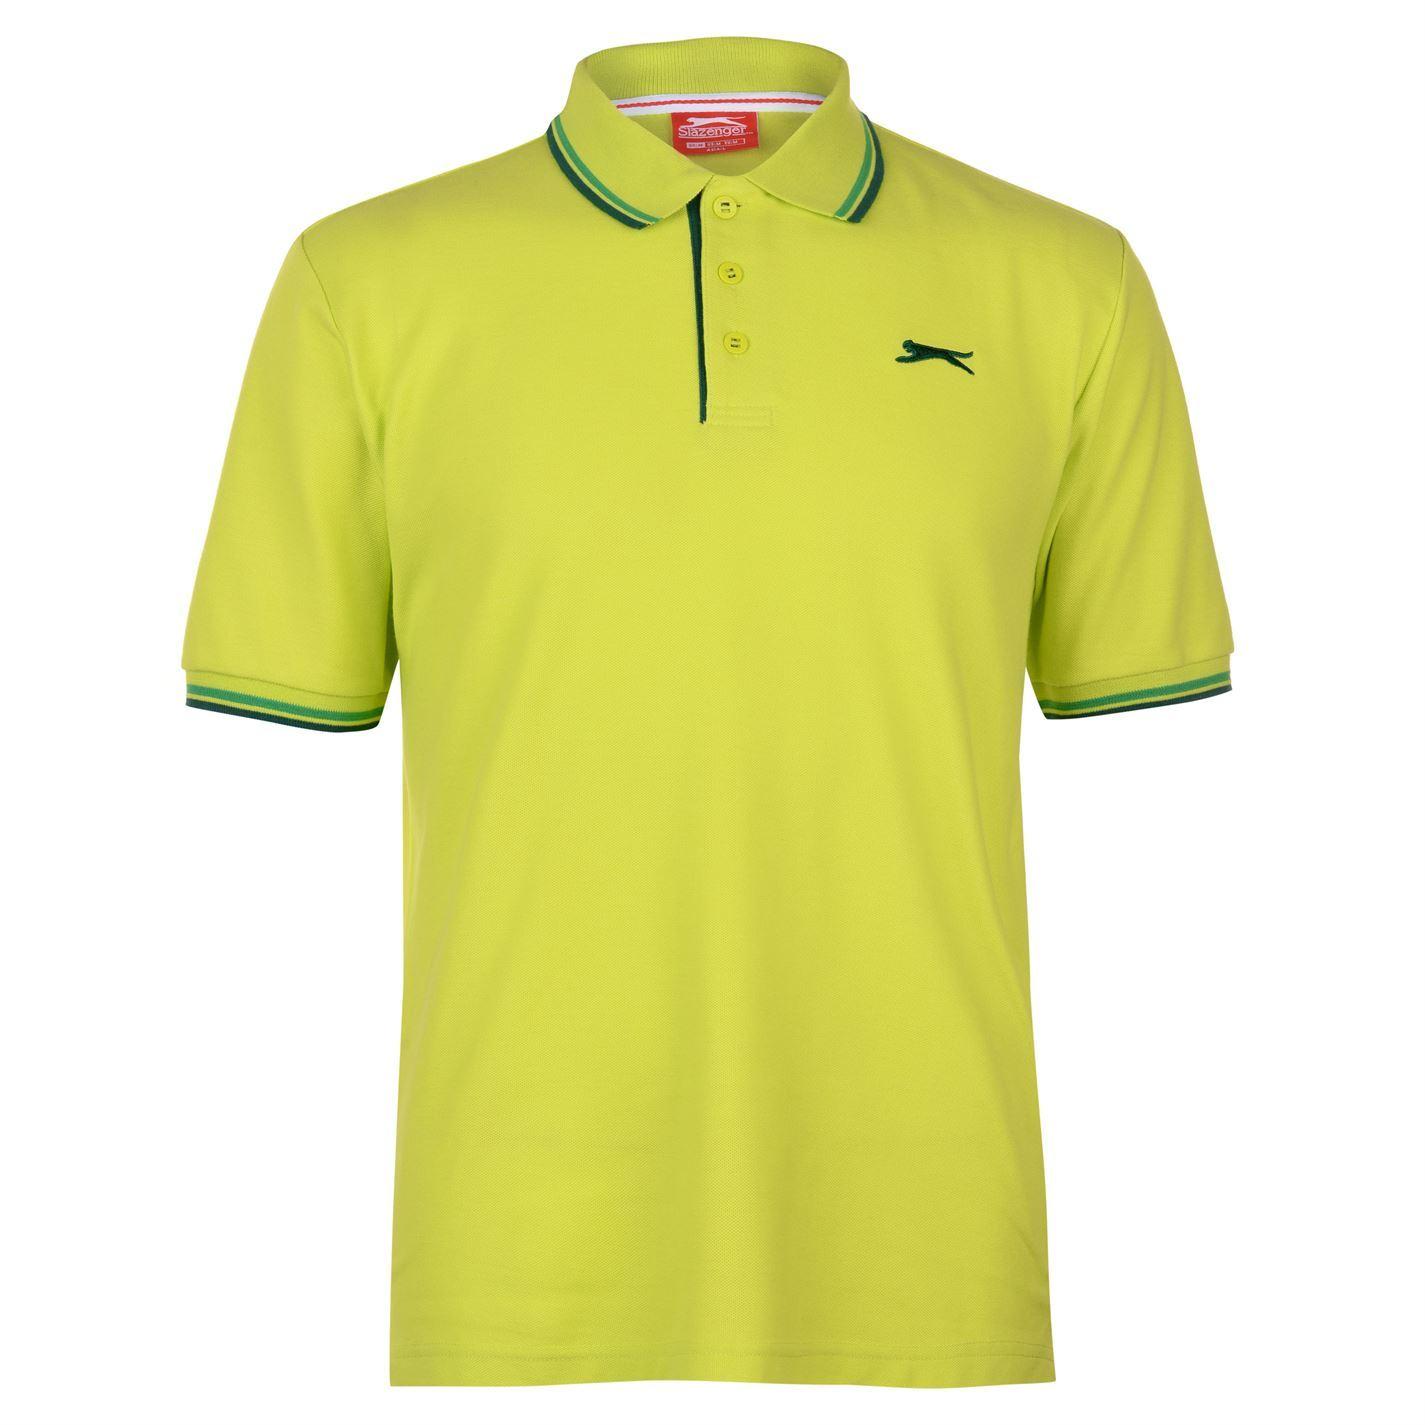 Slazenger-Polo-Camisa-de-hombre-con-cuello-con-Punta-T-Shirt-Top-Camiseta-Tee miniatura 45